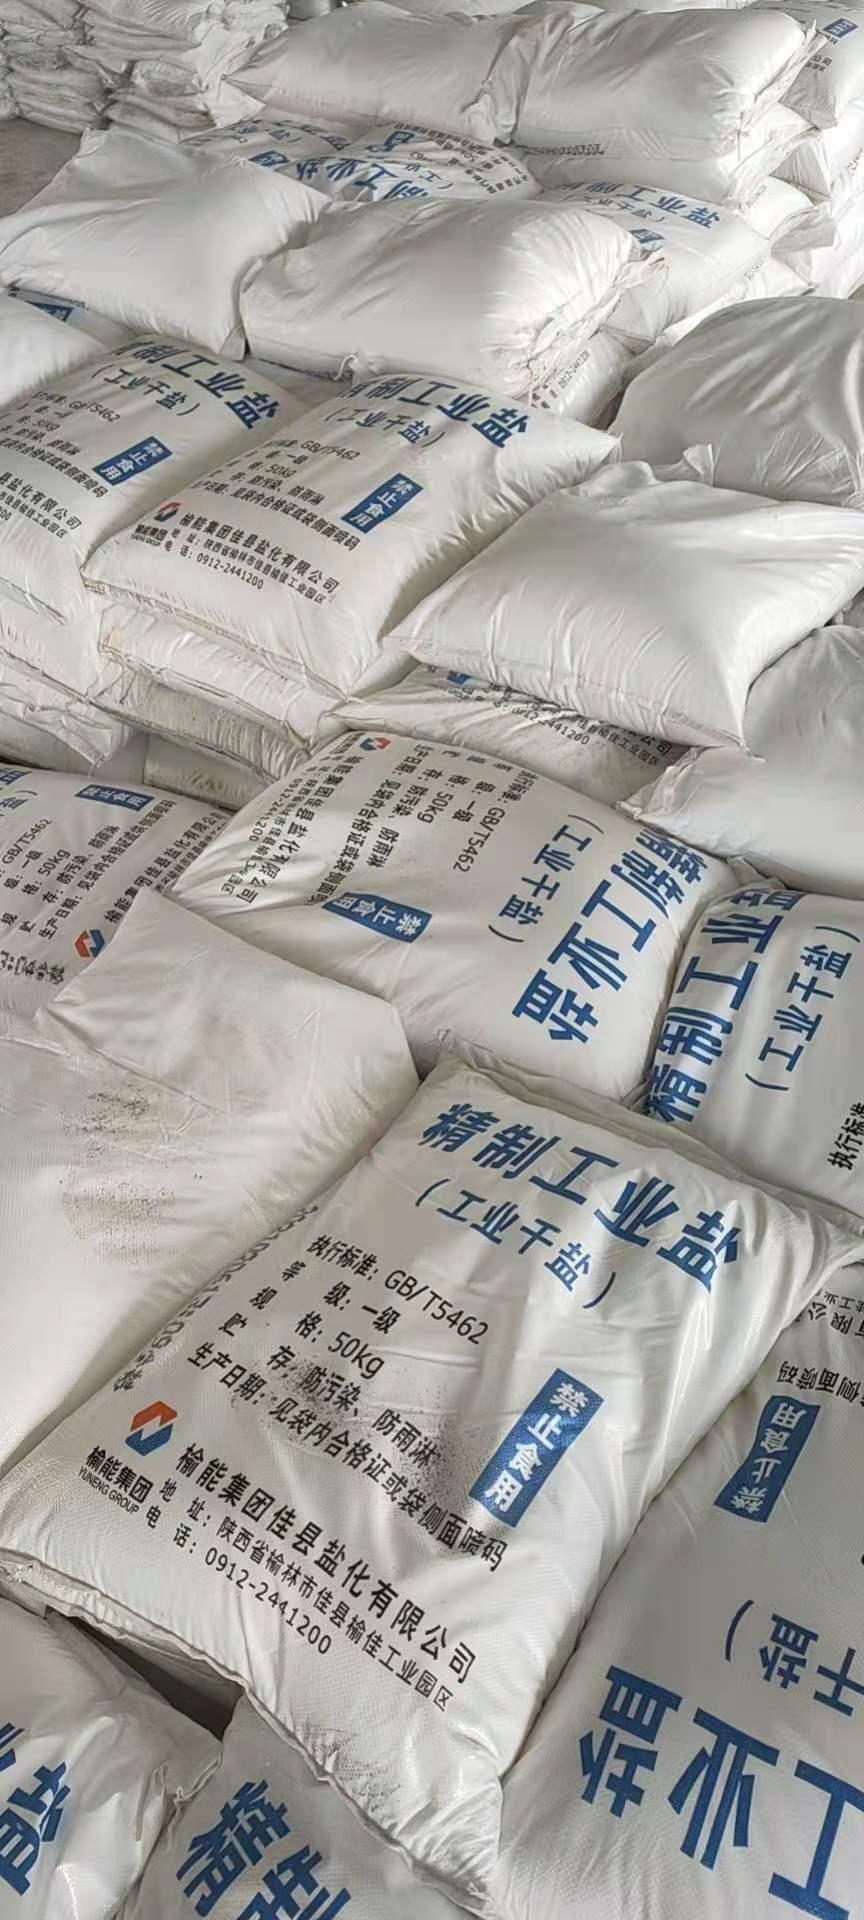 副产硫酸钠—河北沧州副产硫酸钠出售—【出售】